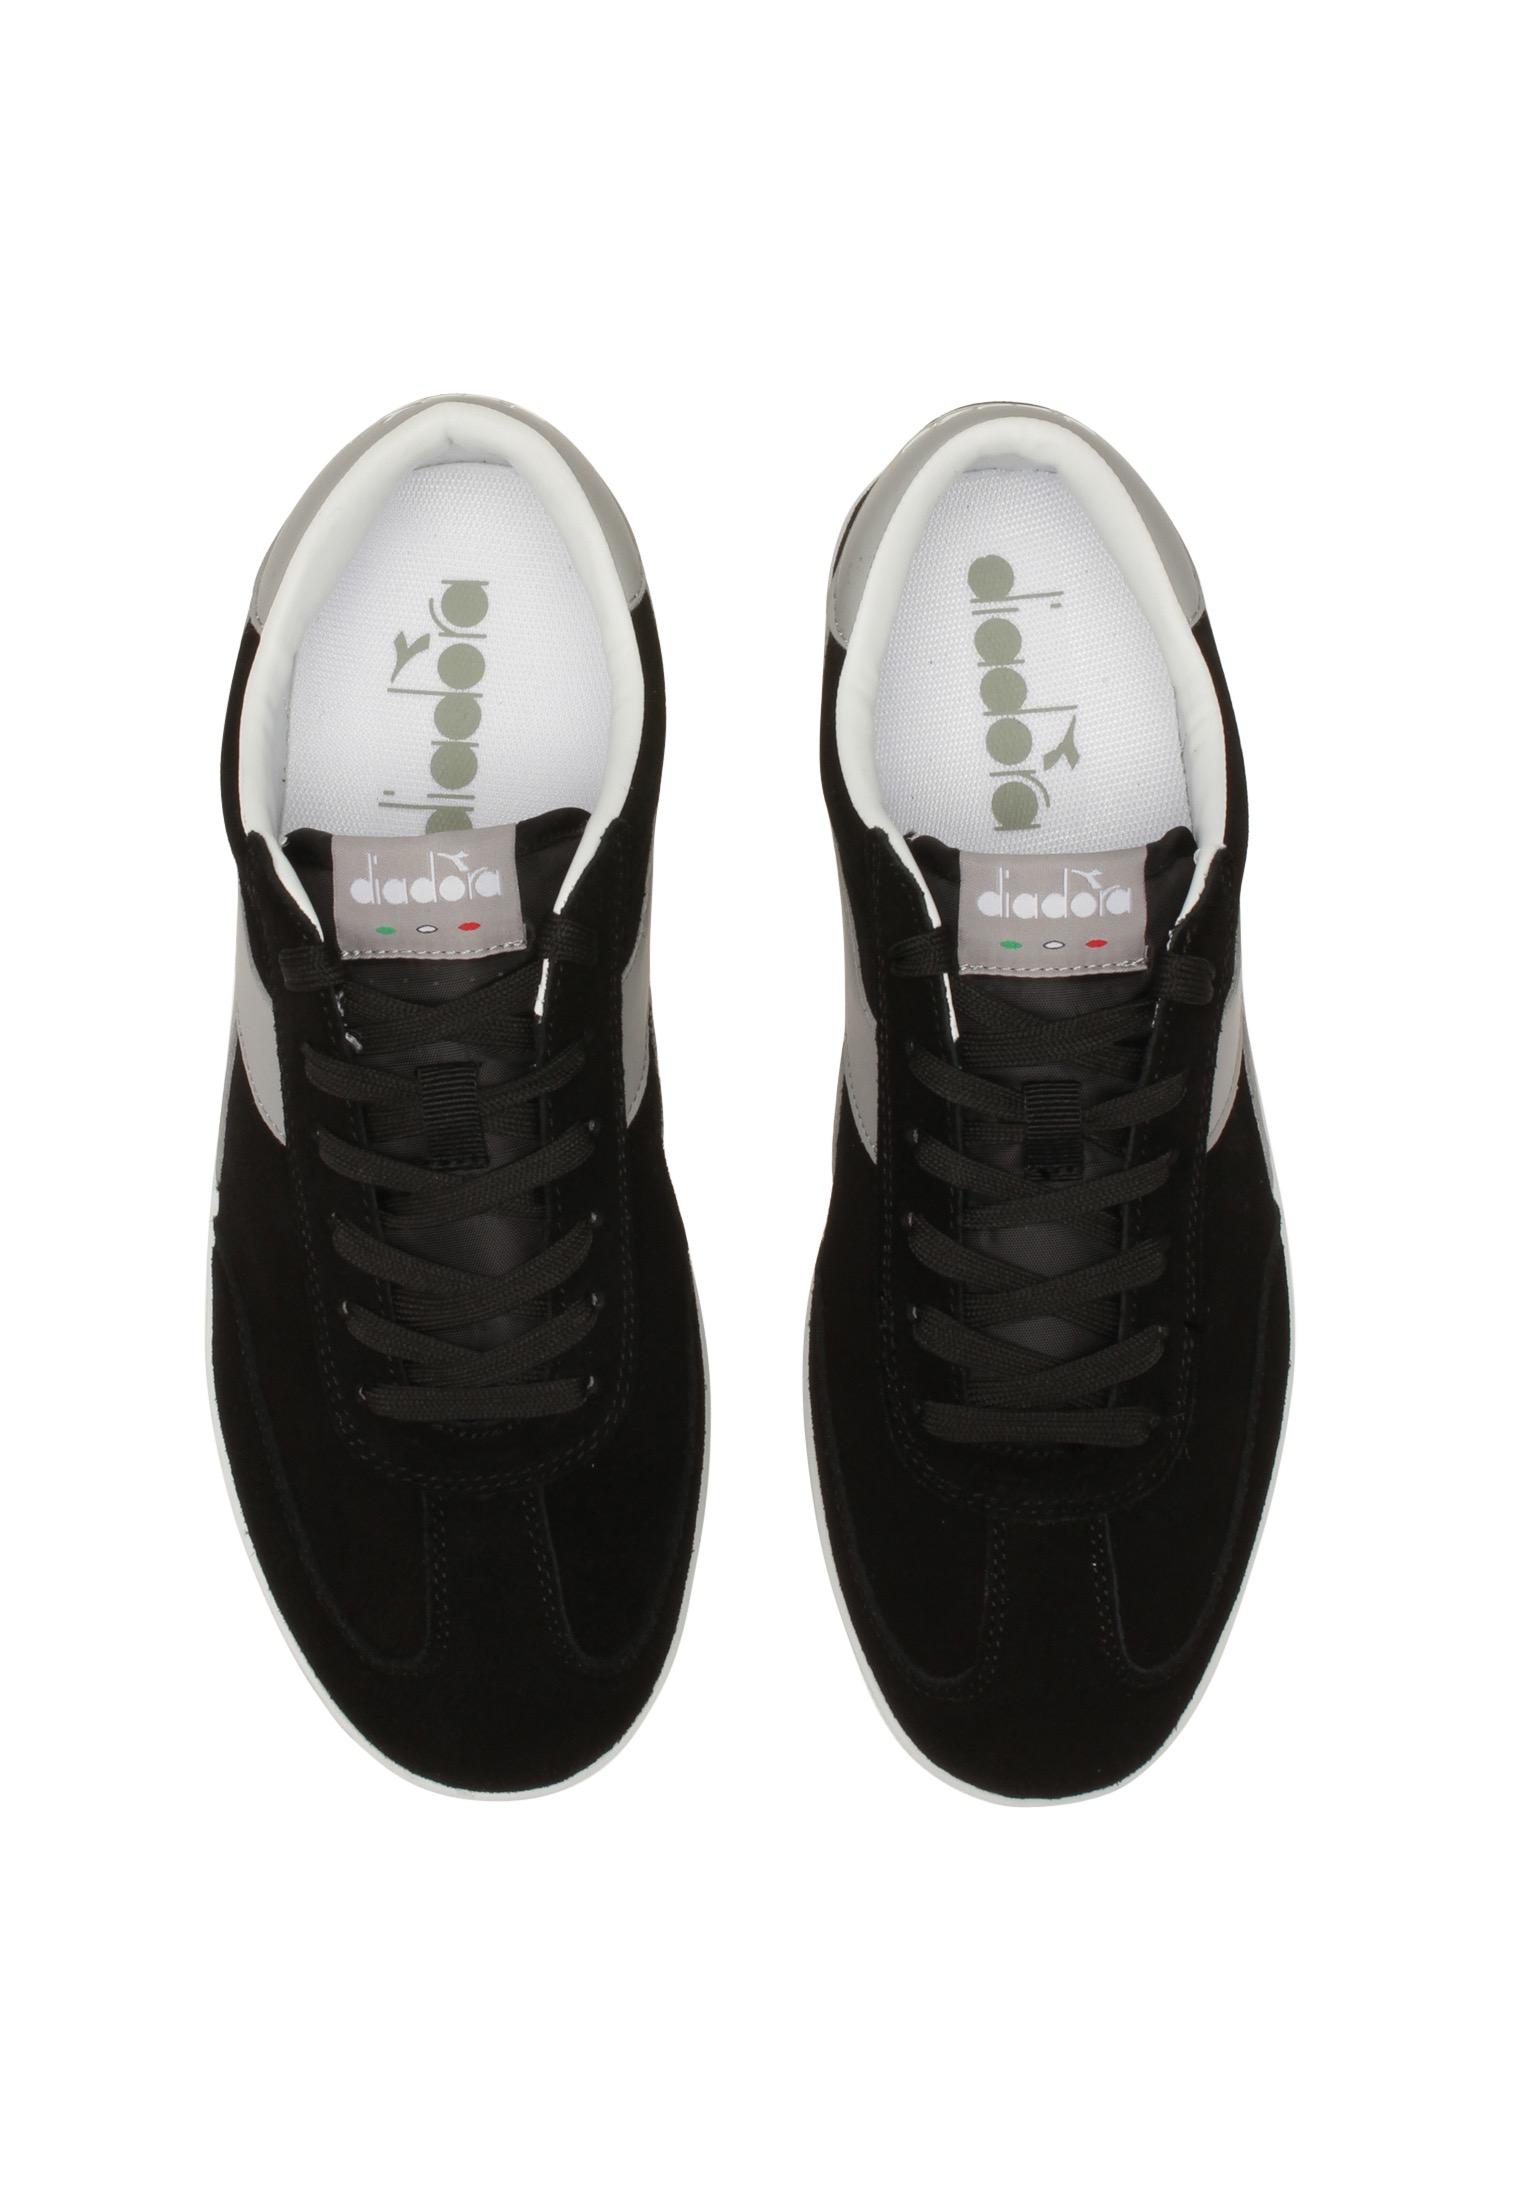 miniatura 31 - Diadora - Sneakers FIELD per uomo e donna